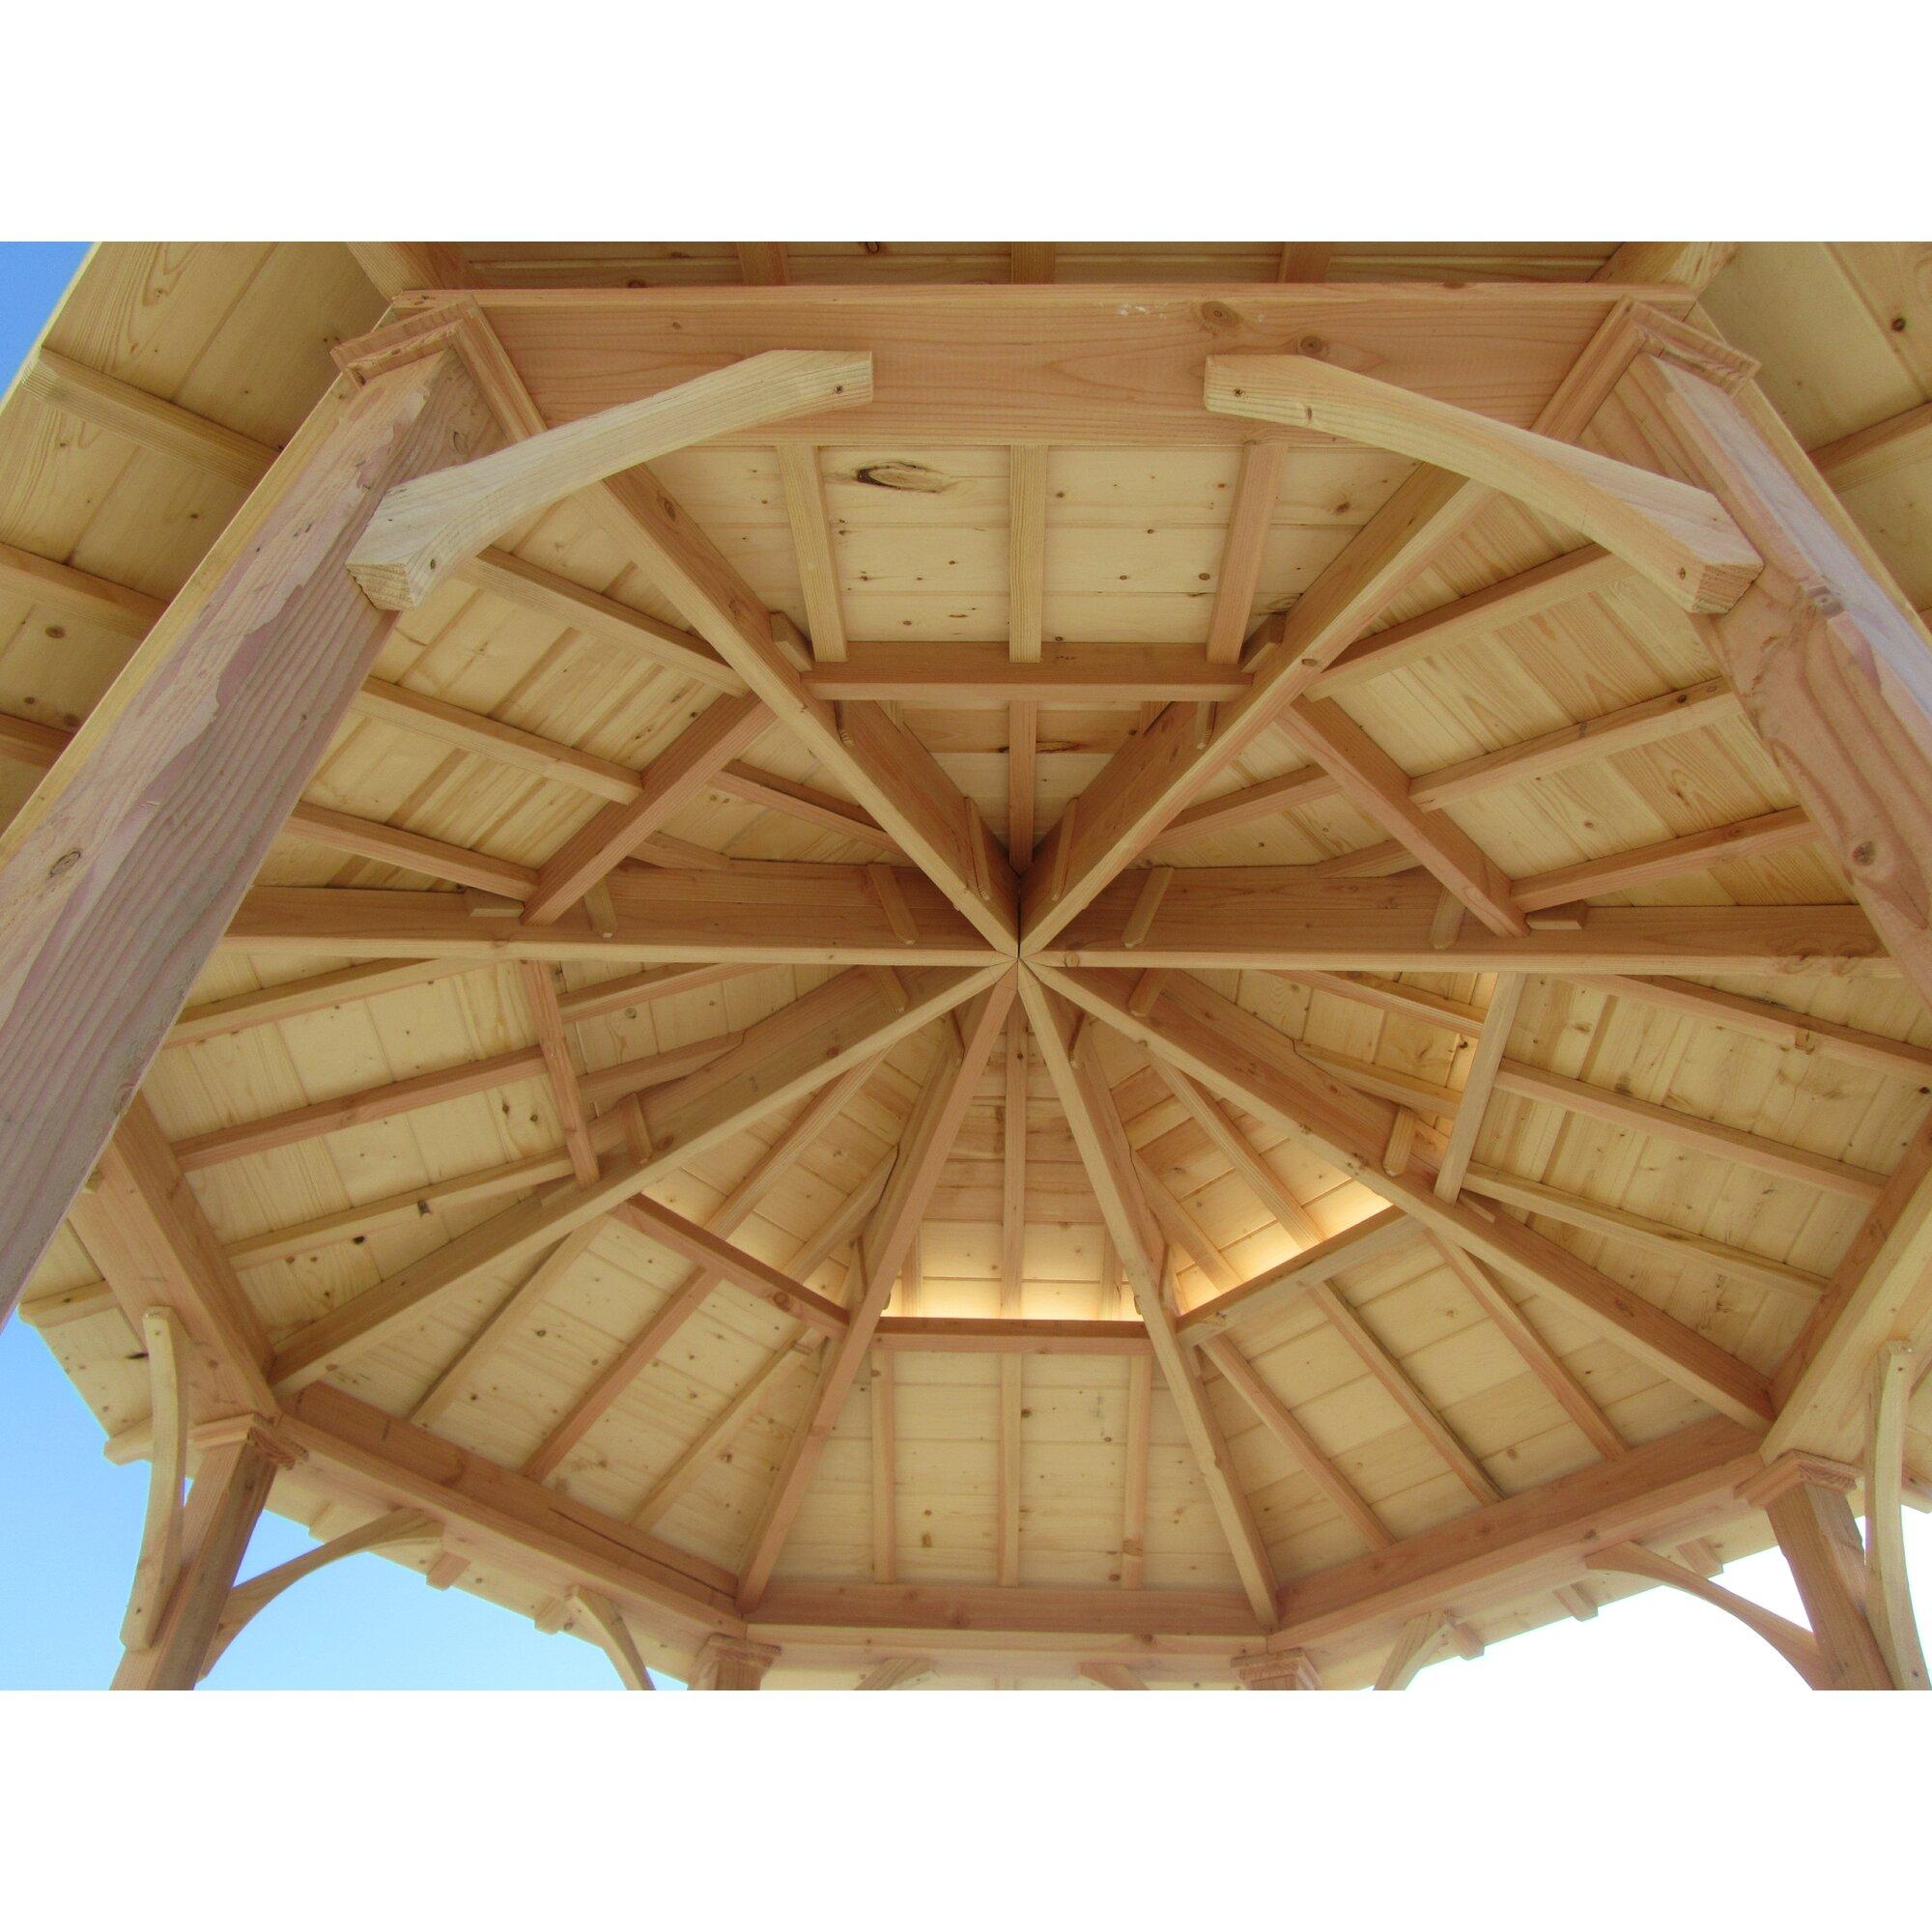 Samsgazebos 10 Ft W X 10 Ft D Wood Permanent Gazebo